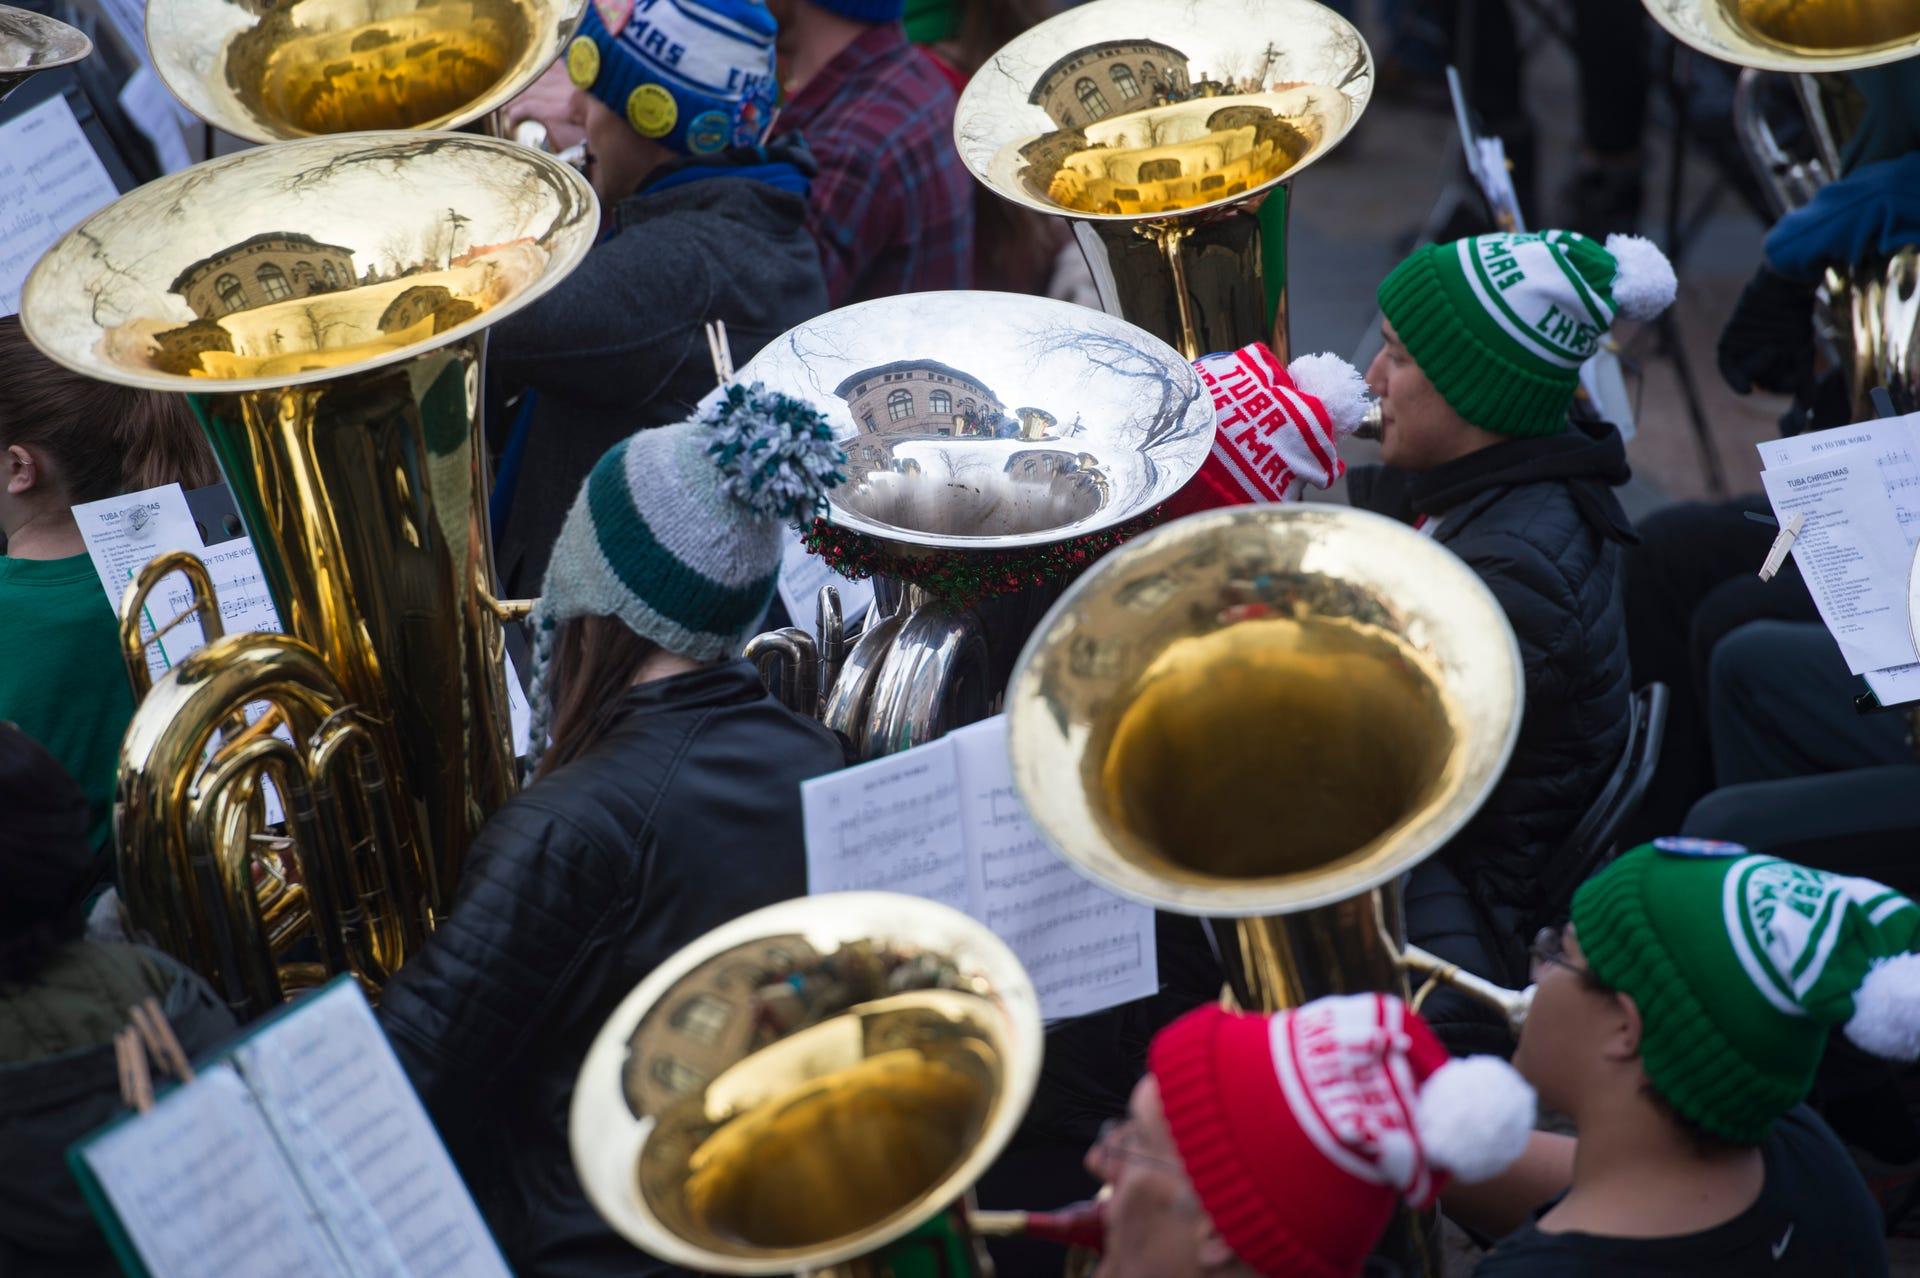 Tuba Christmas.Tuba Christmas Brings Holiday Tunes To Old Town